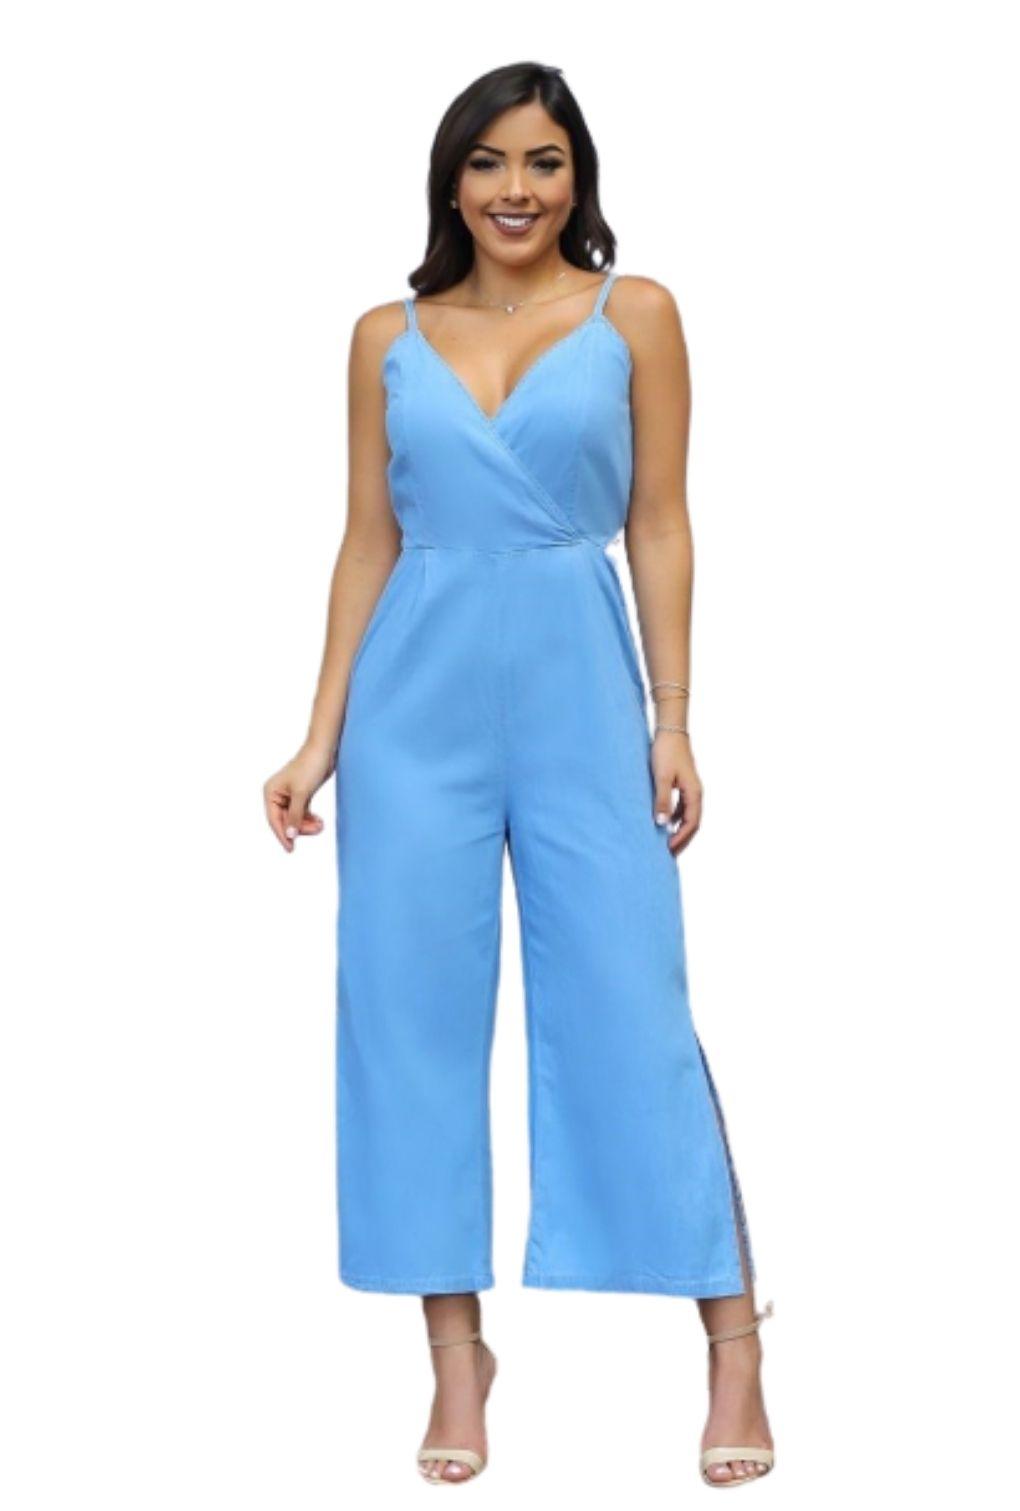 Macacão Jeans Alcinha Decote Transpassado Abertura  - ModaStore | Moda Feminina